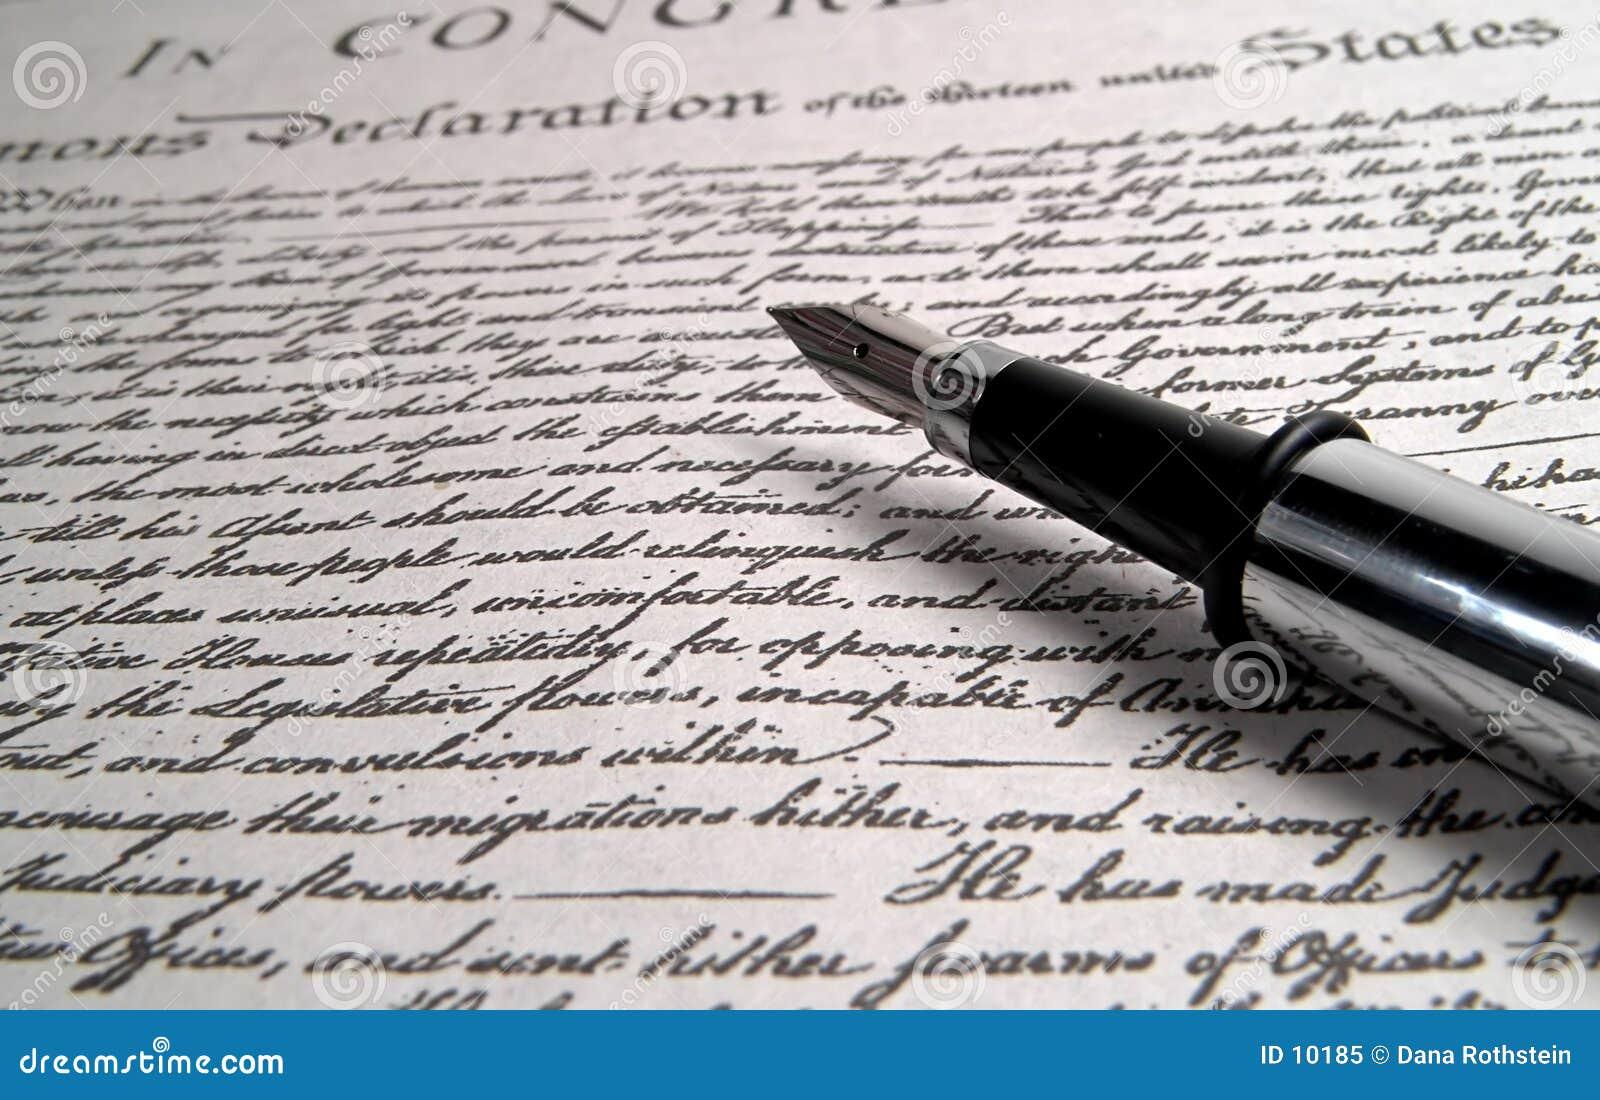 De Pen van de kalligrafie